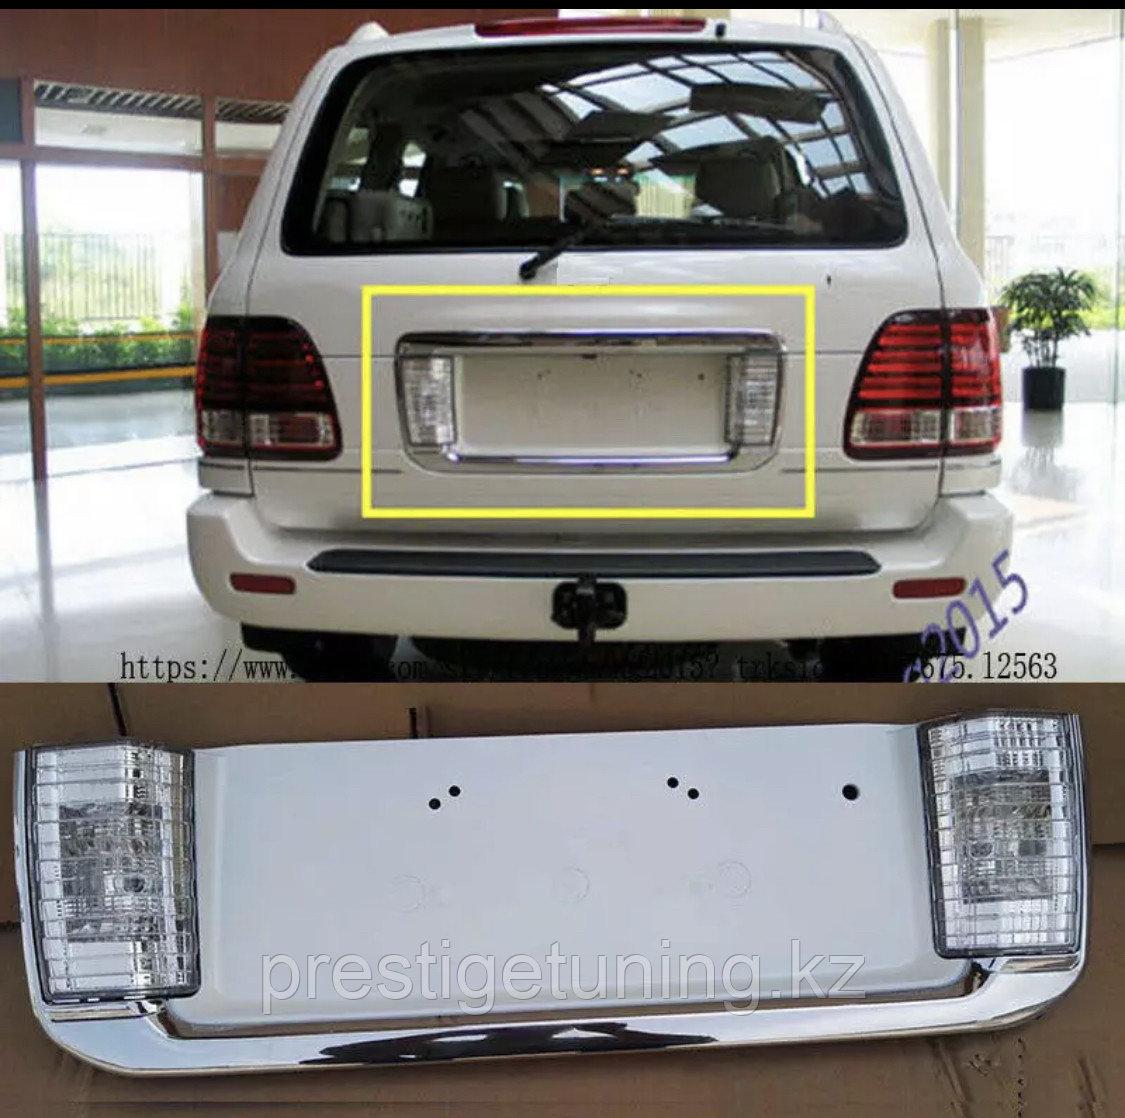 Задний подномерник на Lexus LX470 2005-07